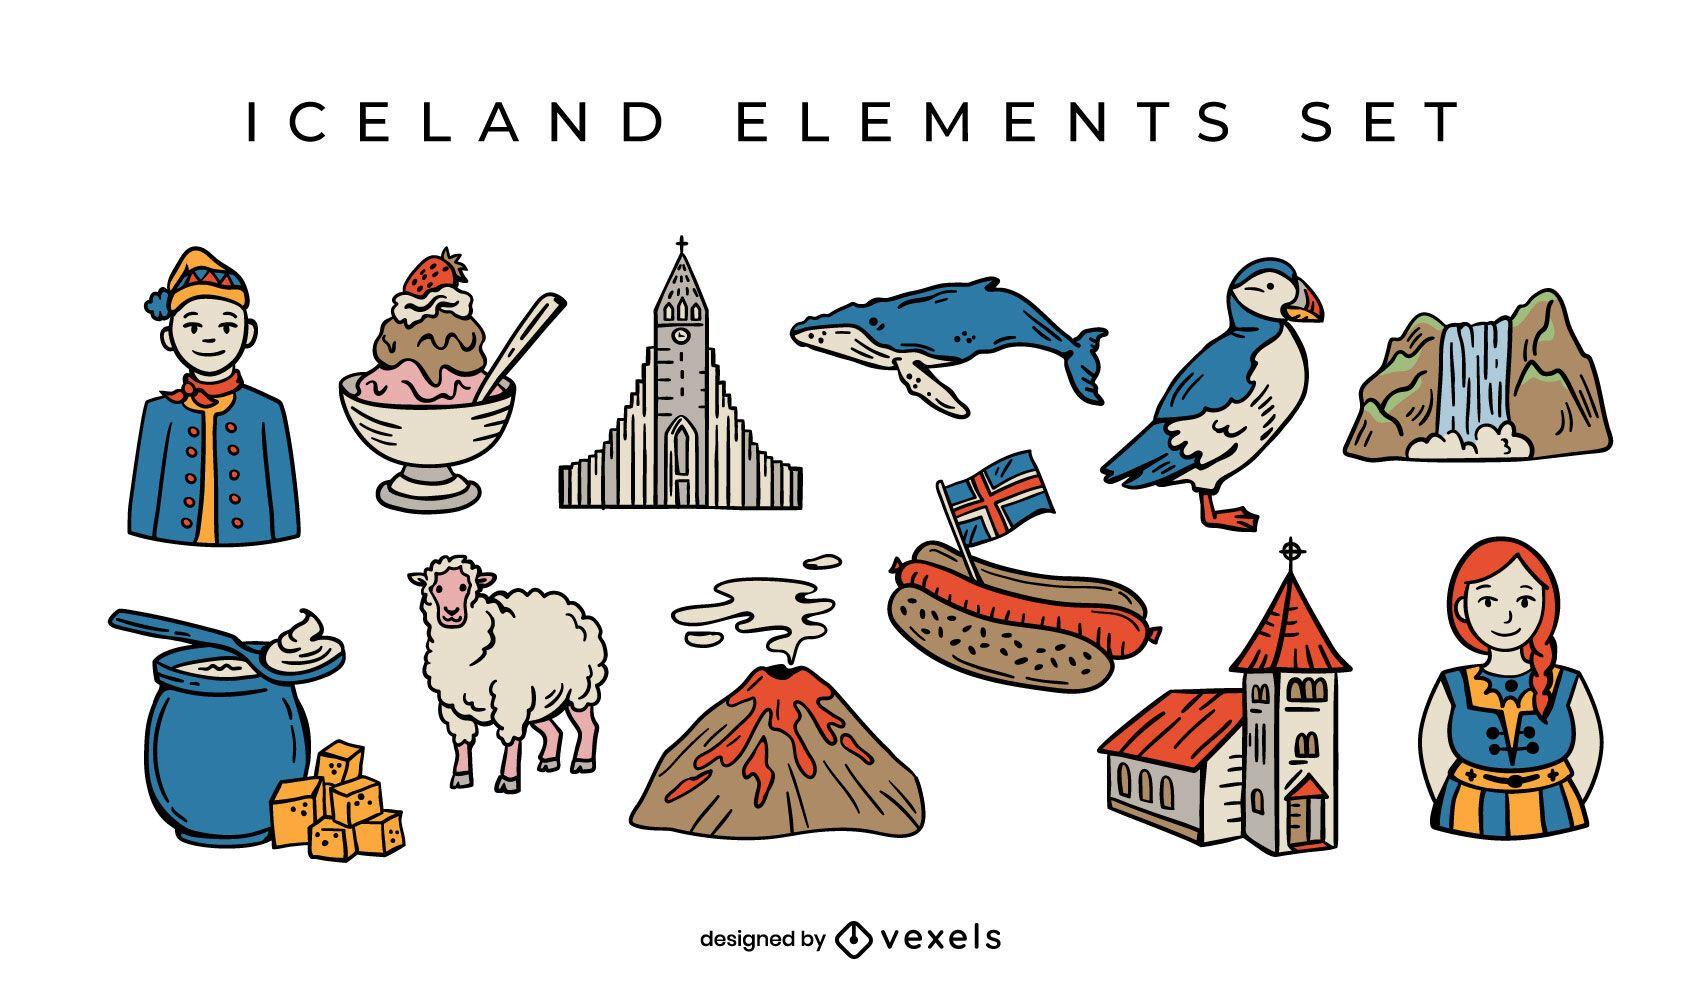 Iceland elements set